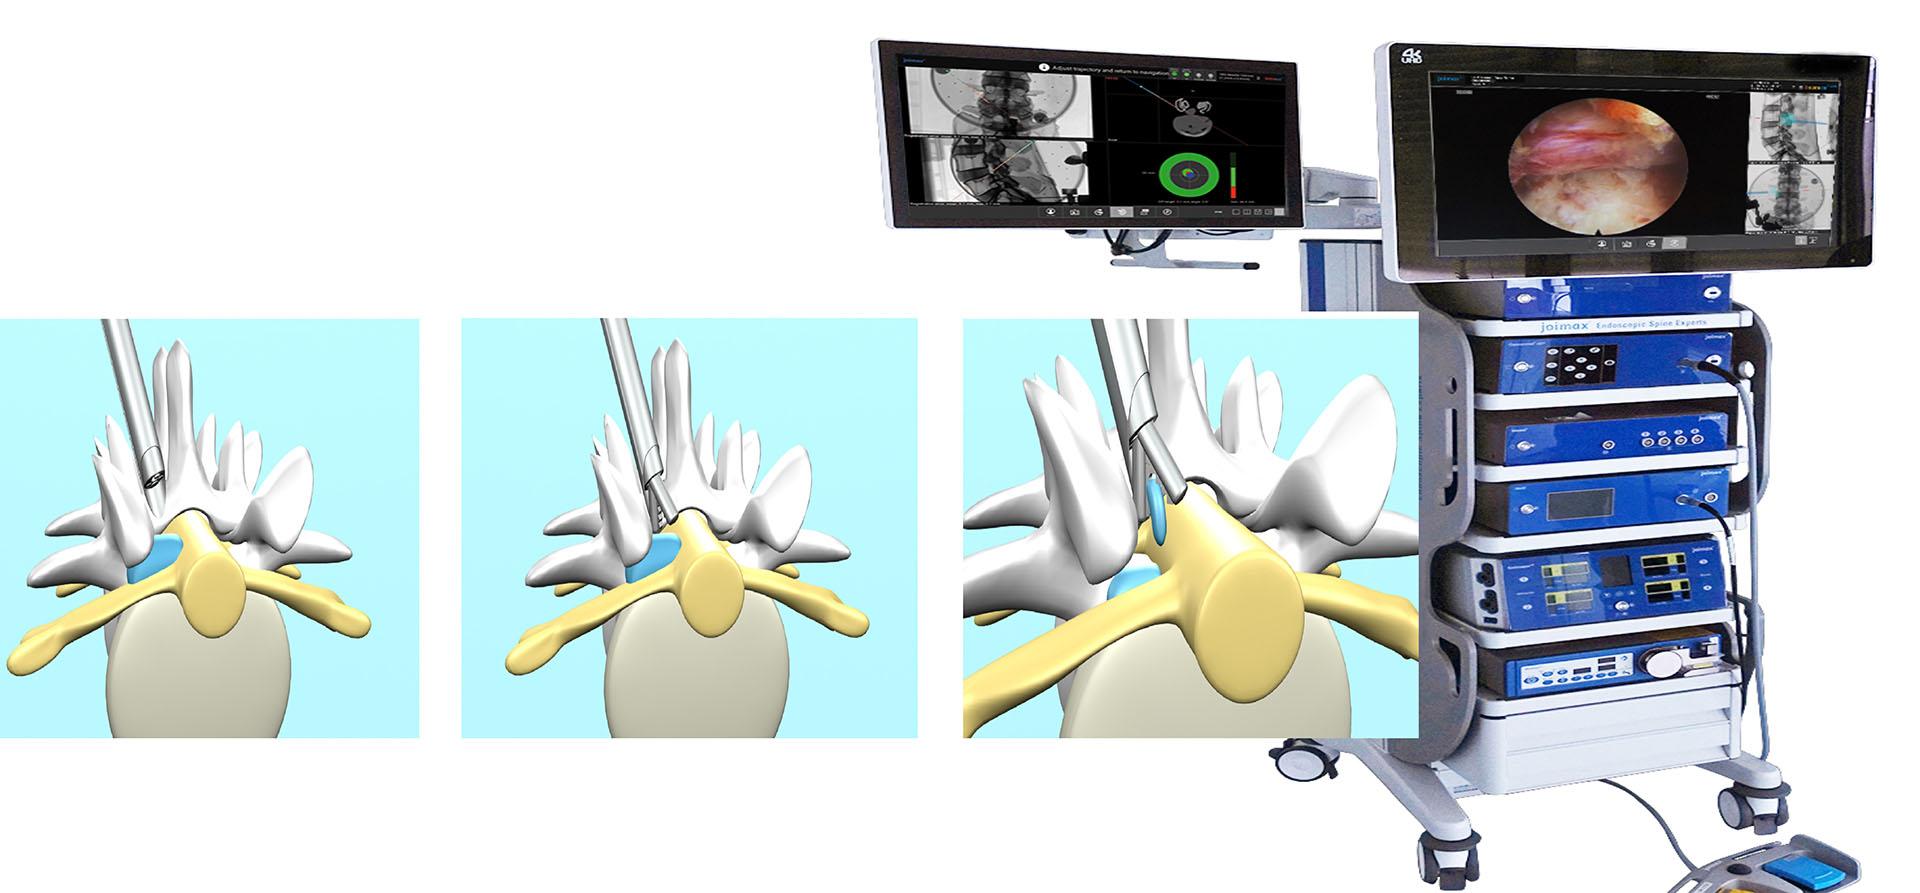 經神經孔全內視鏡椎間盤切除手術